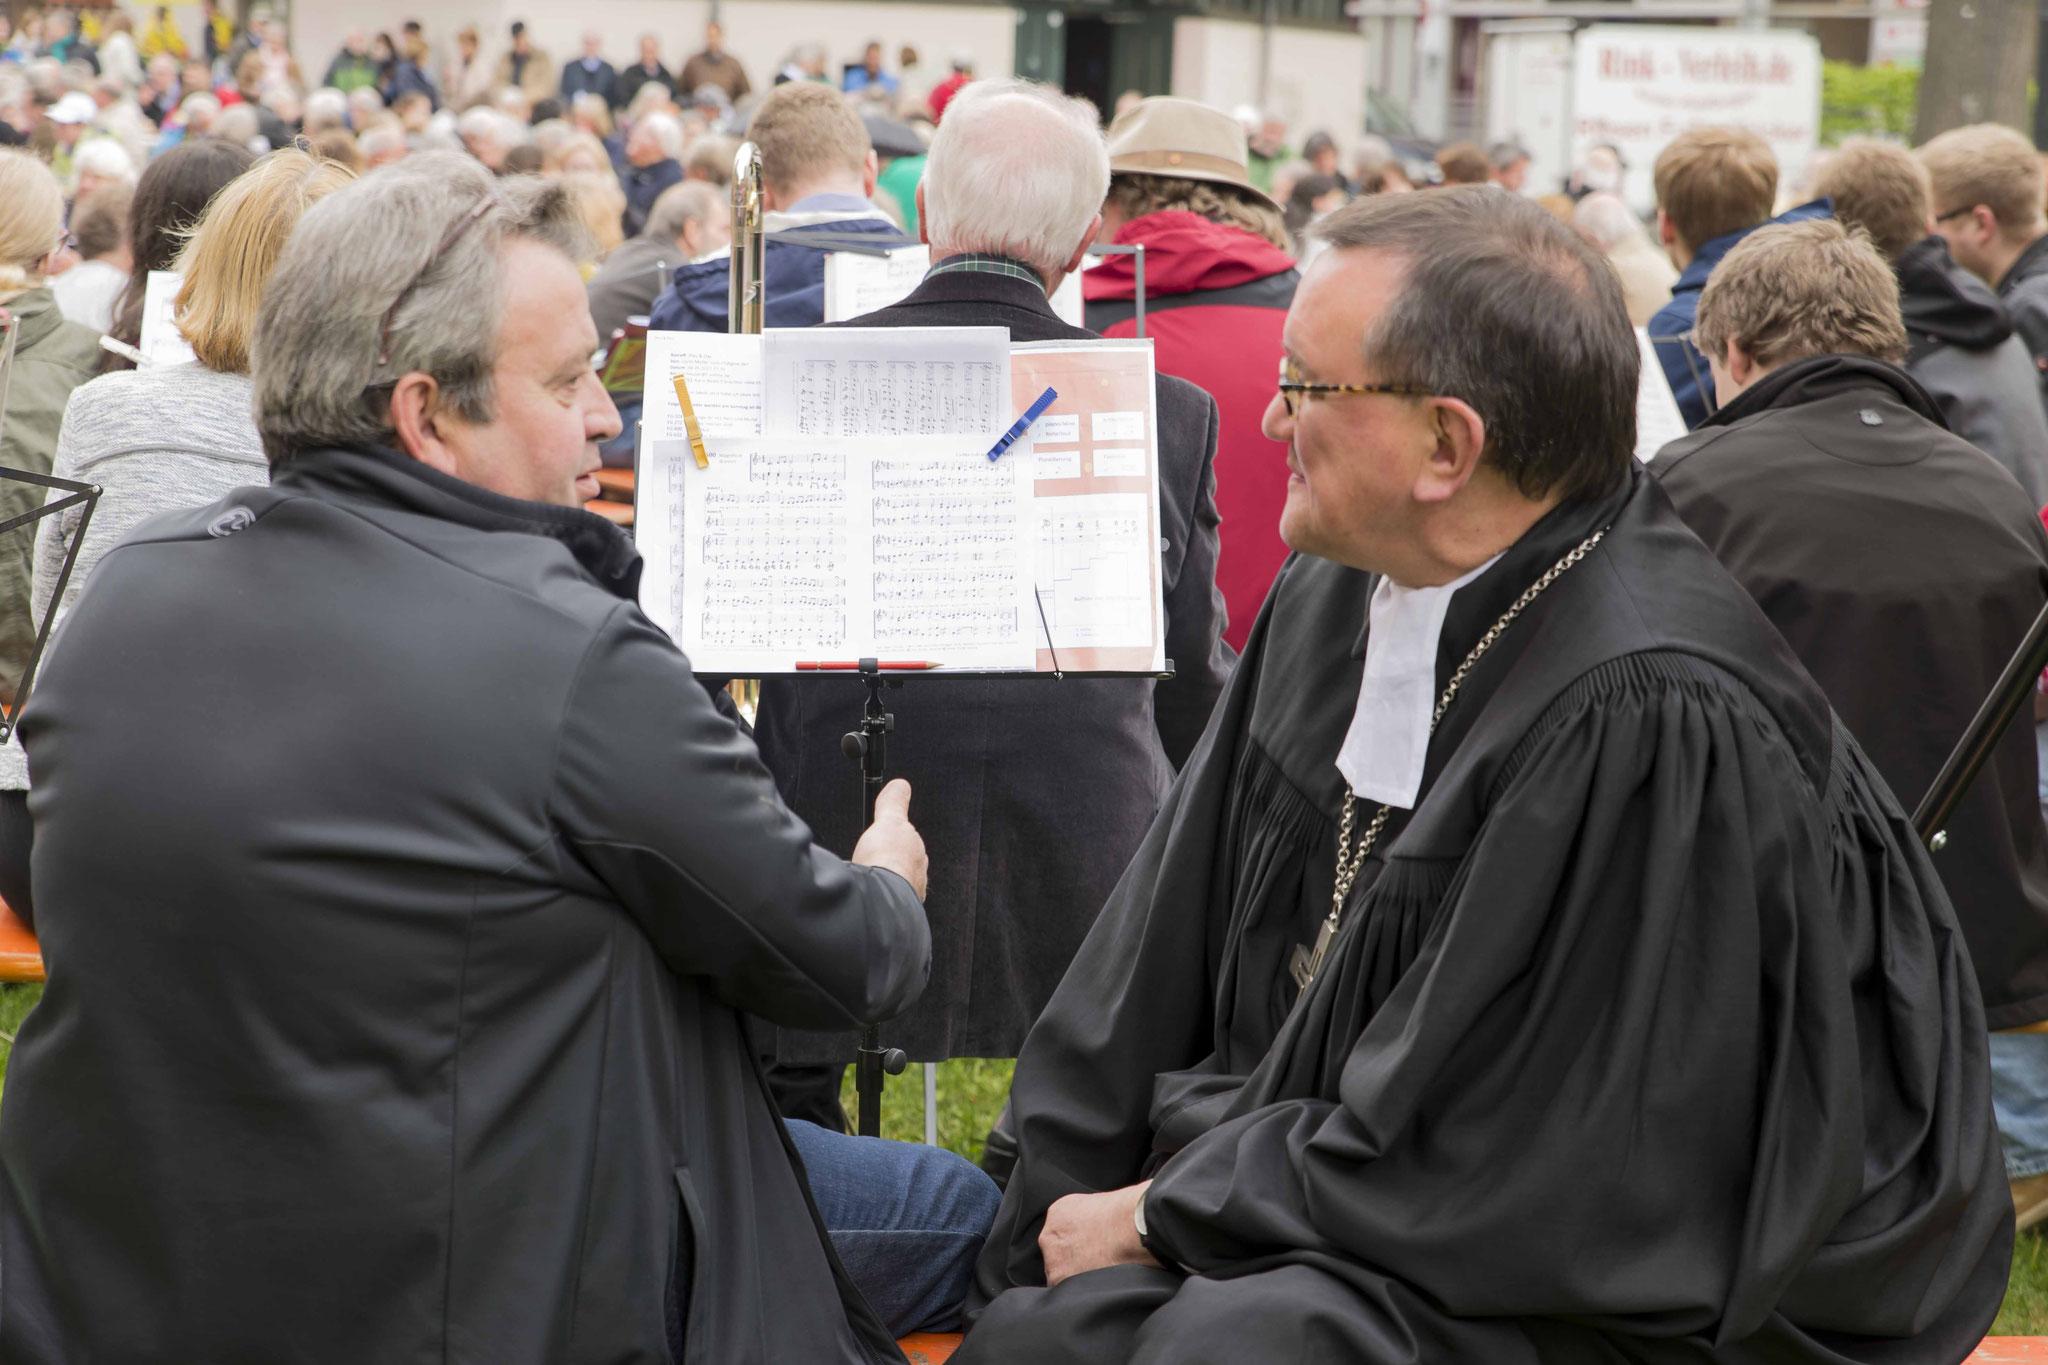 Bischof Hein im Gespräch mit einem Musiker